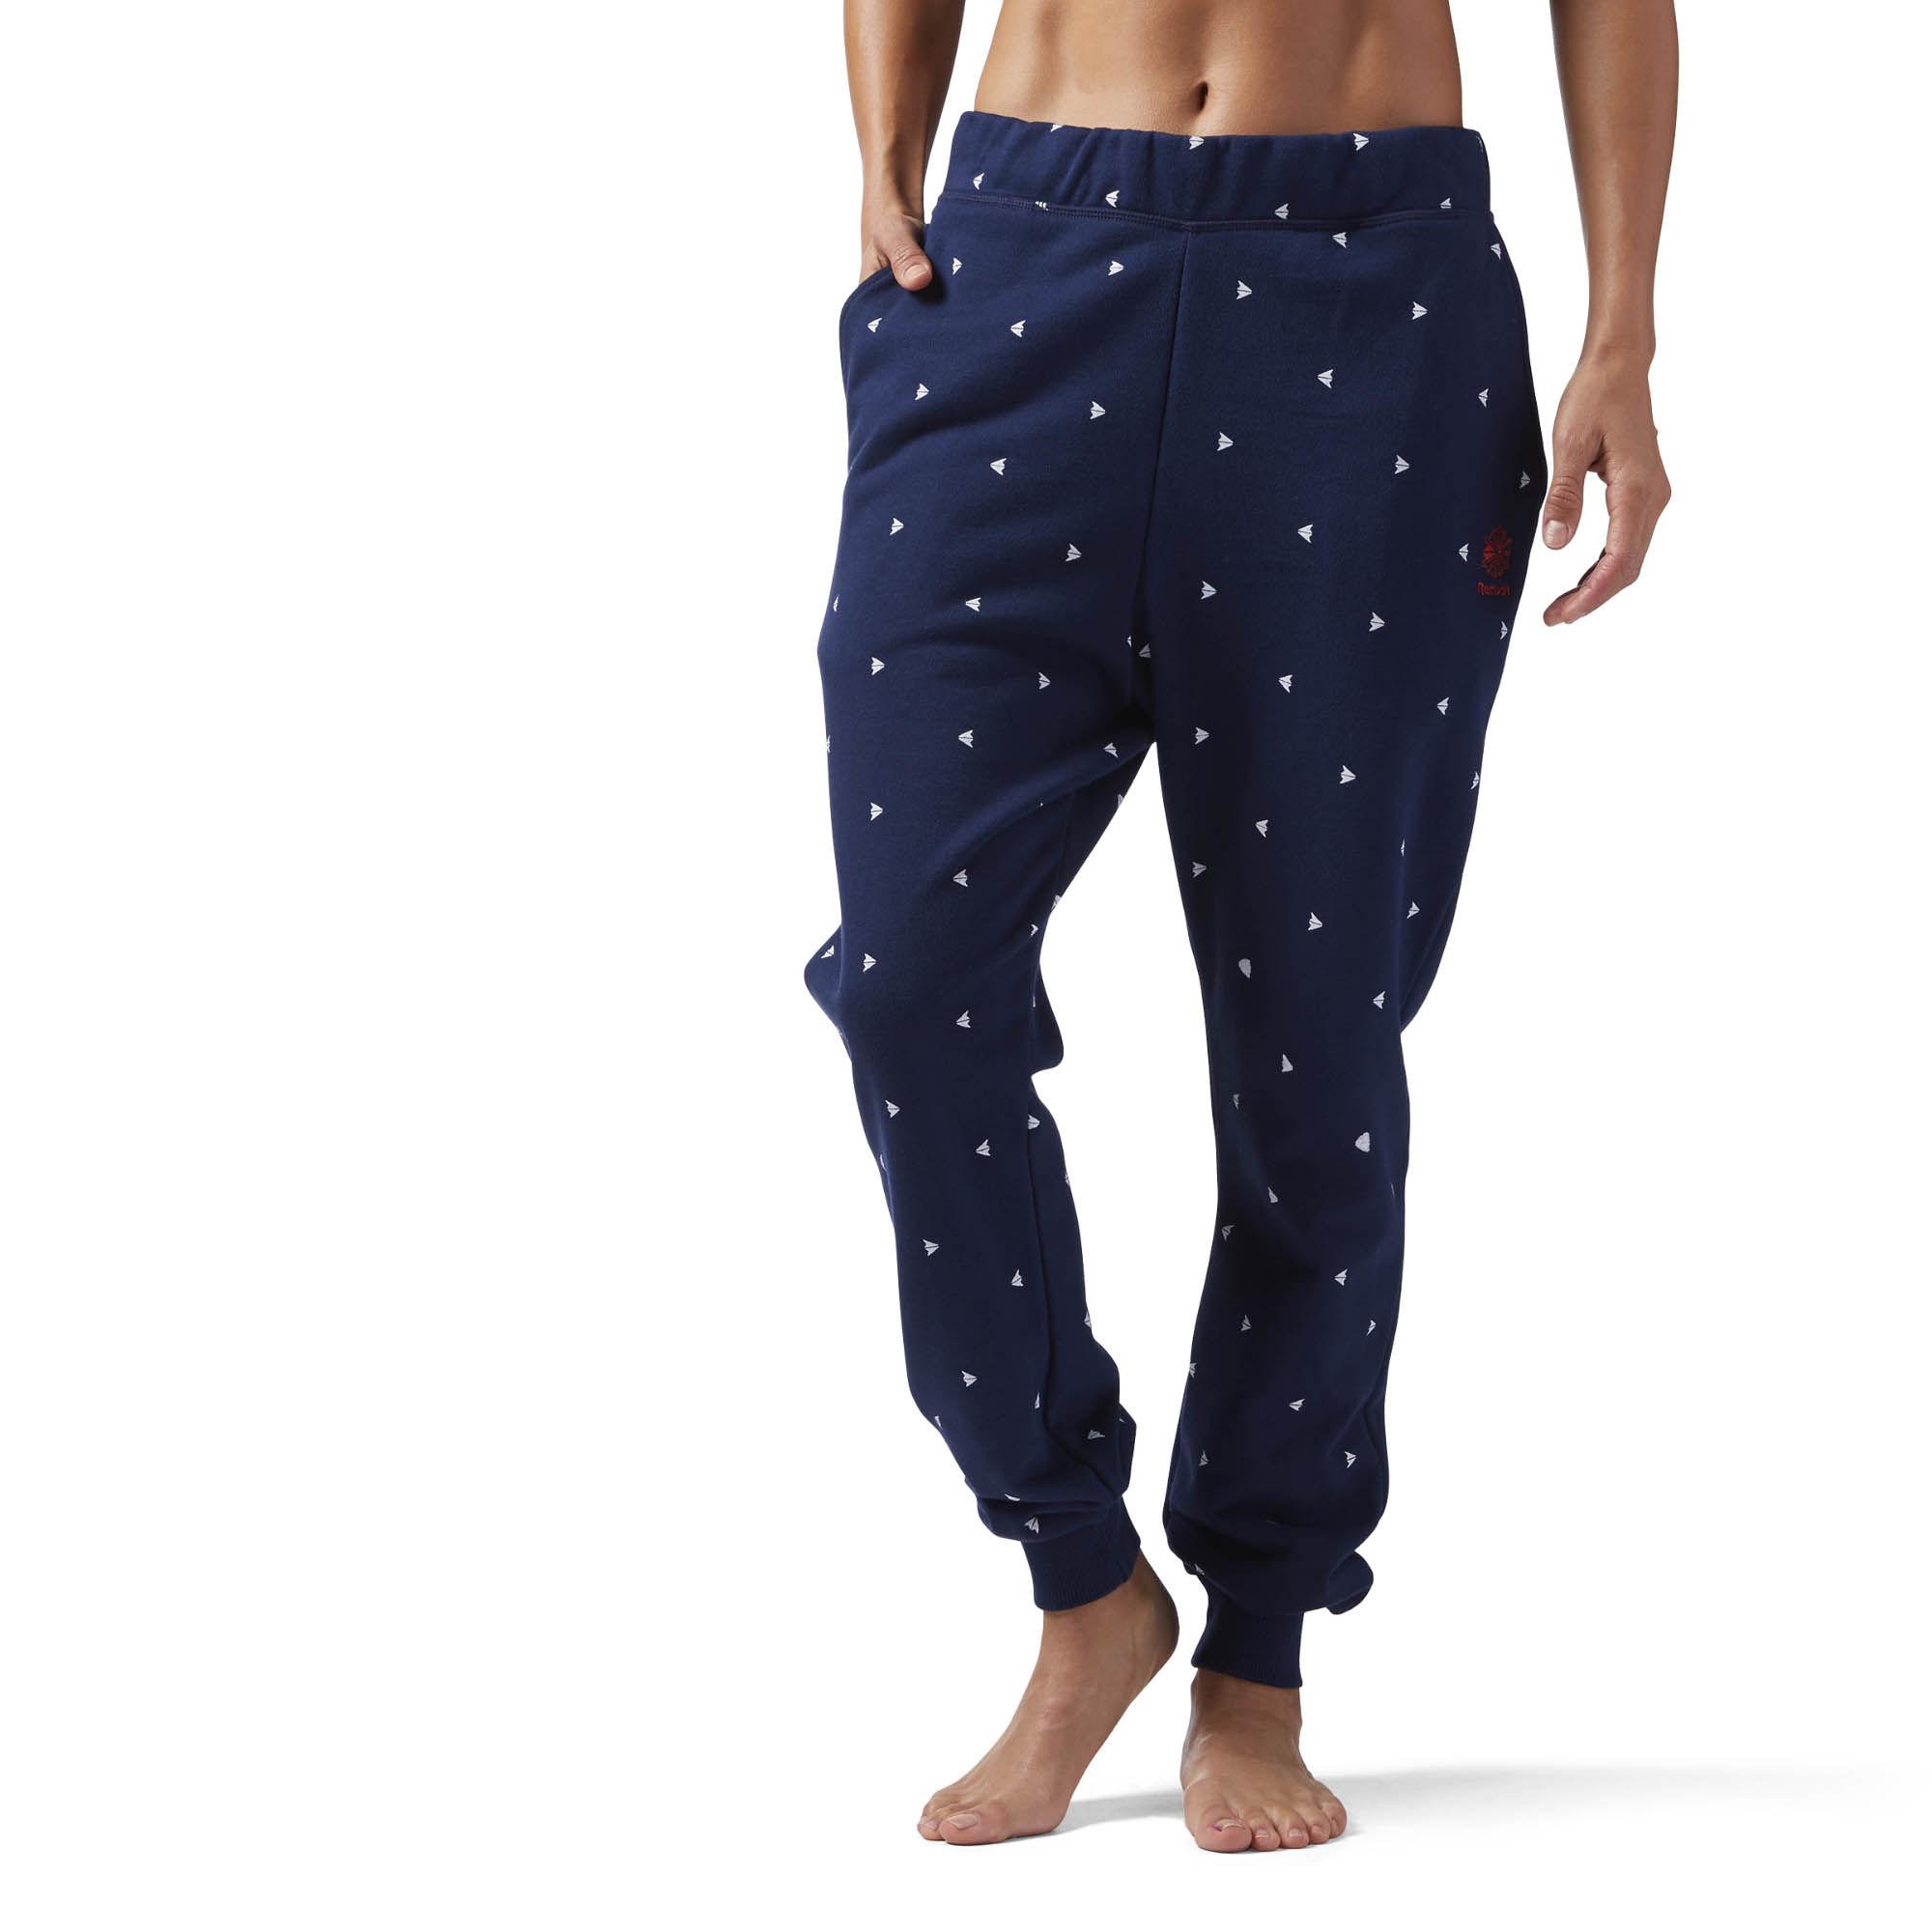 Брюки женские Reebok Gp Q2 Arrow Pant, цвет: синий. CV8306. Размер XL (52/54) брюки для катания женские salomon equipe softshell pant w цвет черный l38291000 размер xl 52 54